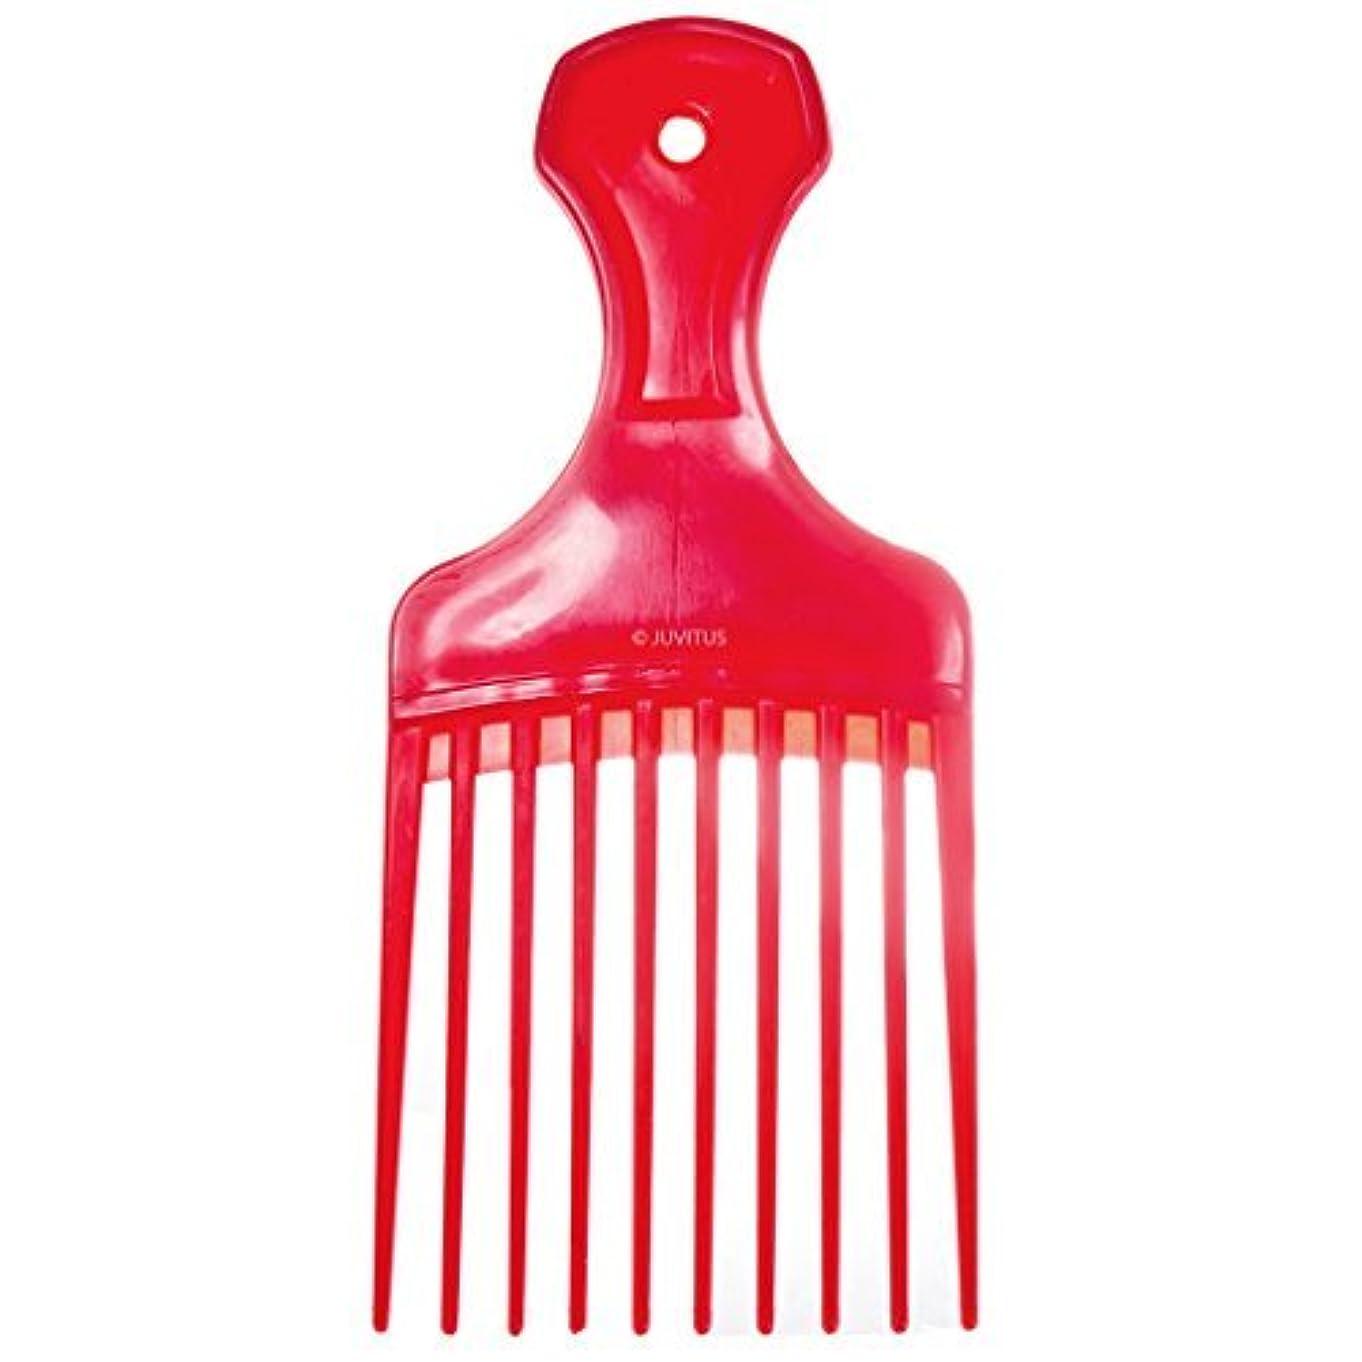 Pocket Pick Comb - Assorted Colors (Red) [並行輸入品]